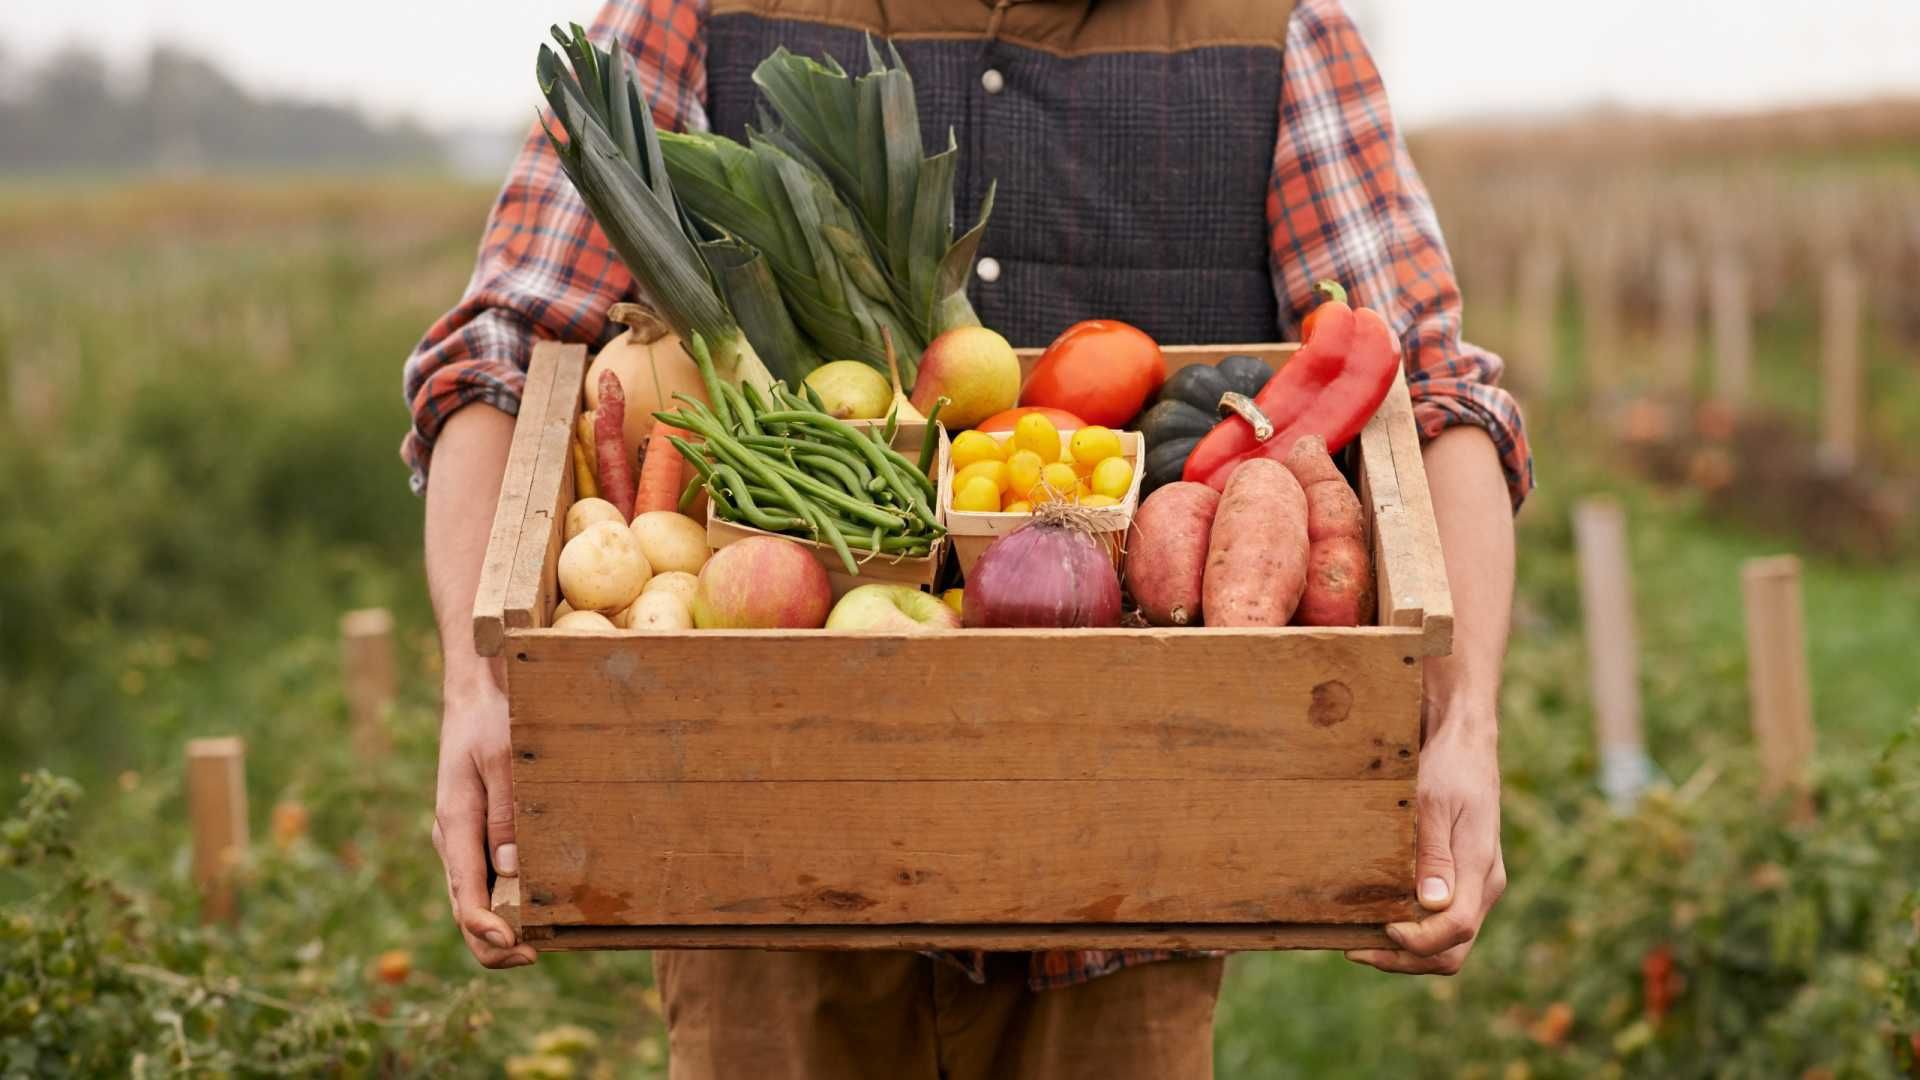 Không lo béo mặt sau Tết nếu duy trì những thói quen ăn uống lành mạnh sau - Ảnh 2.